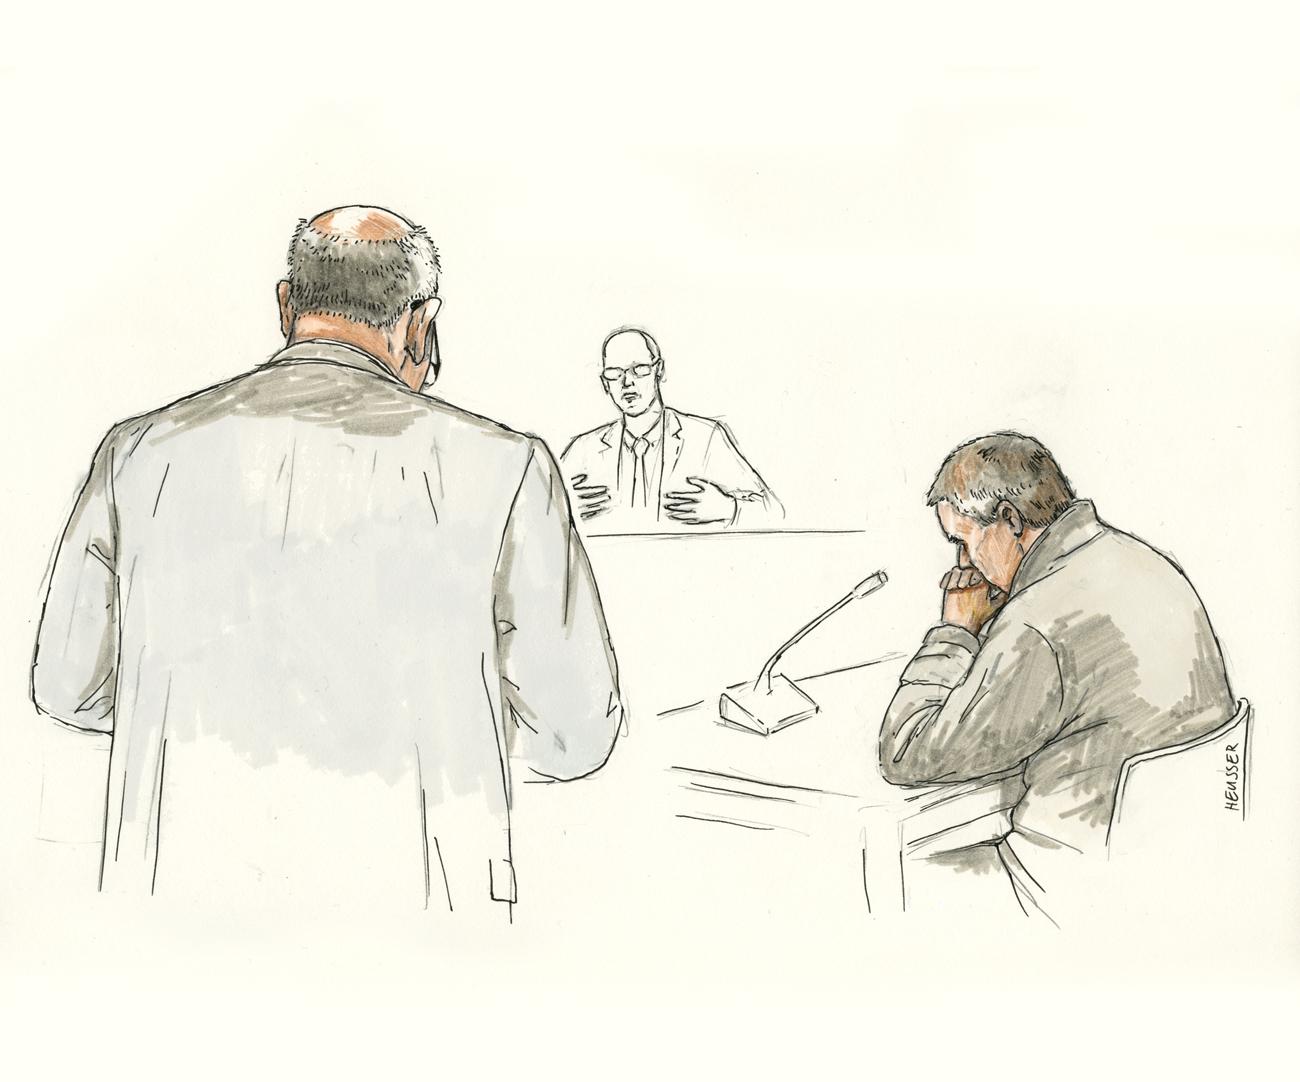 Der Angeklagte sitzend und der Staatsanwalt stehend